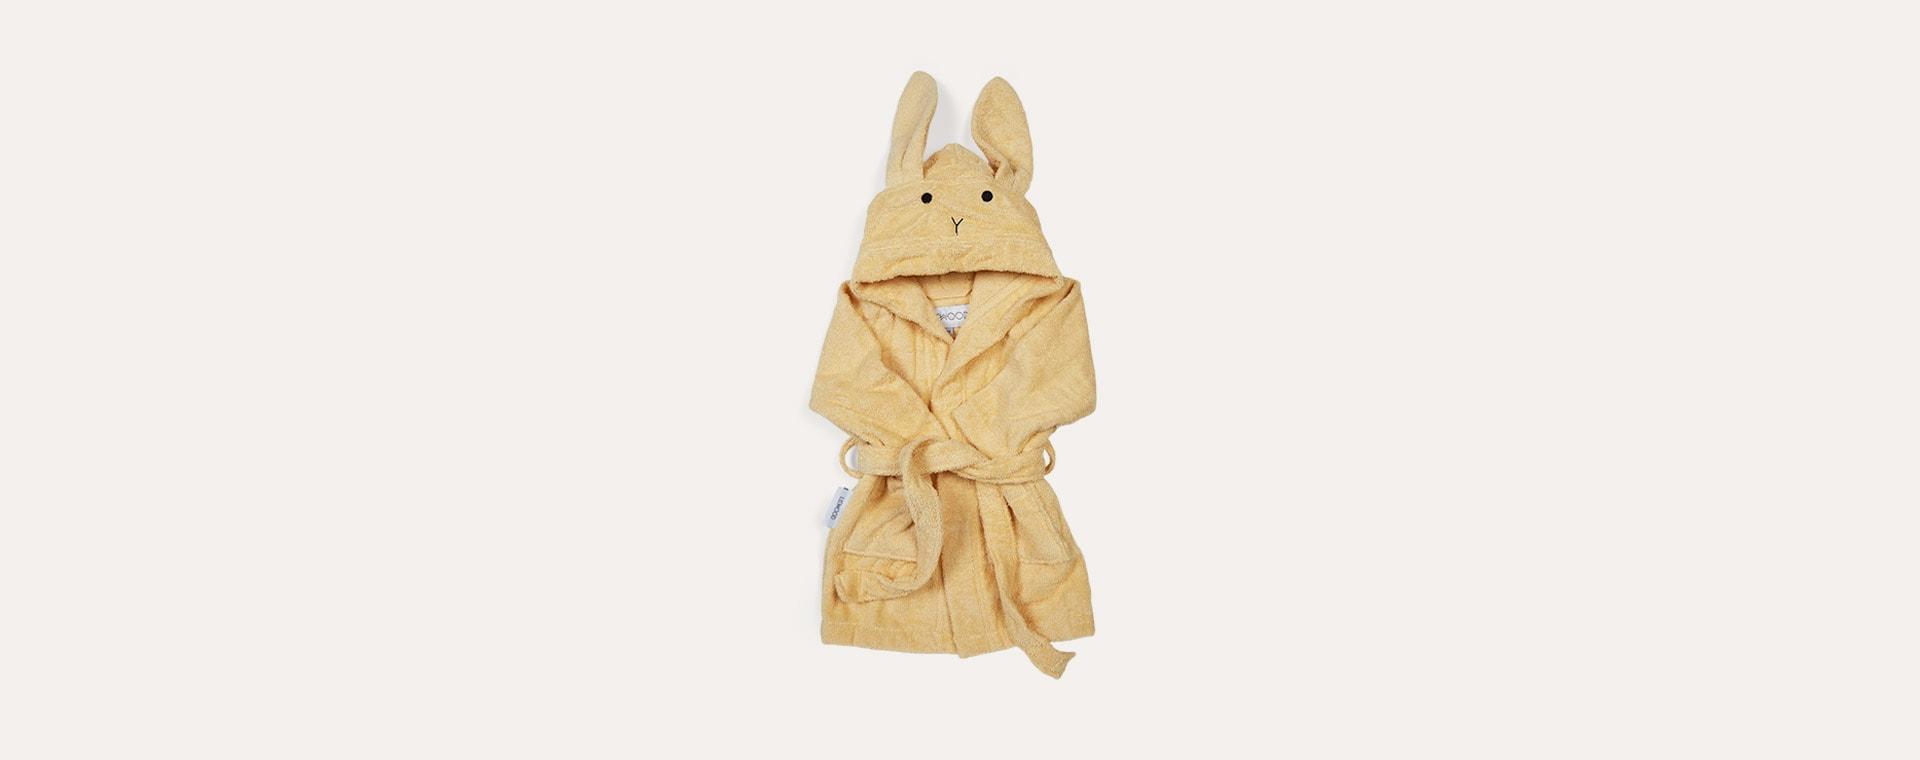 Rabbit Smoothie Yellow Liewood Lily Bathrobe